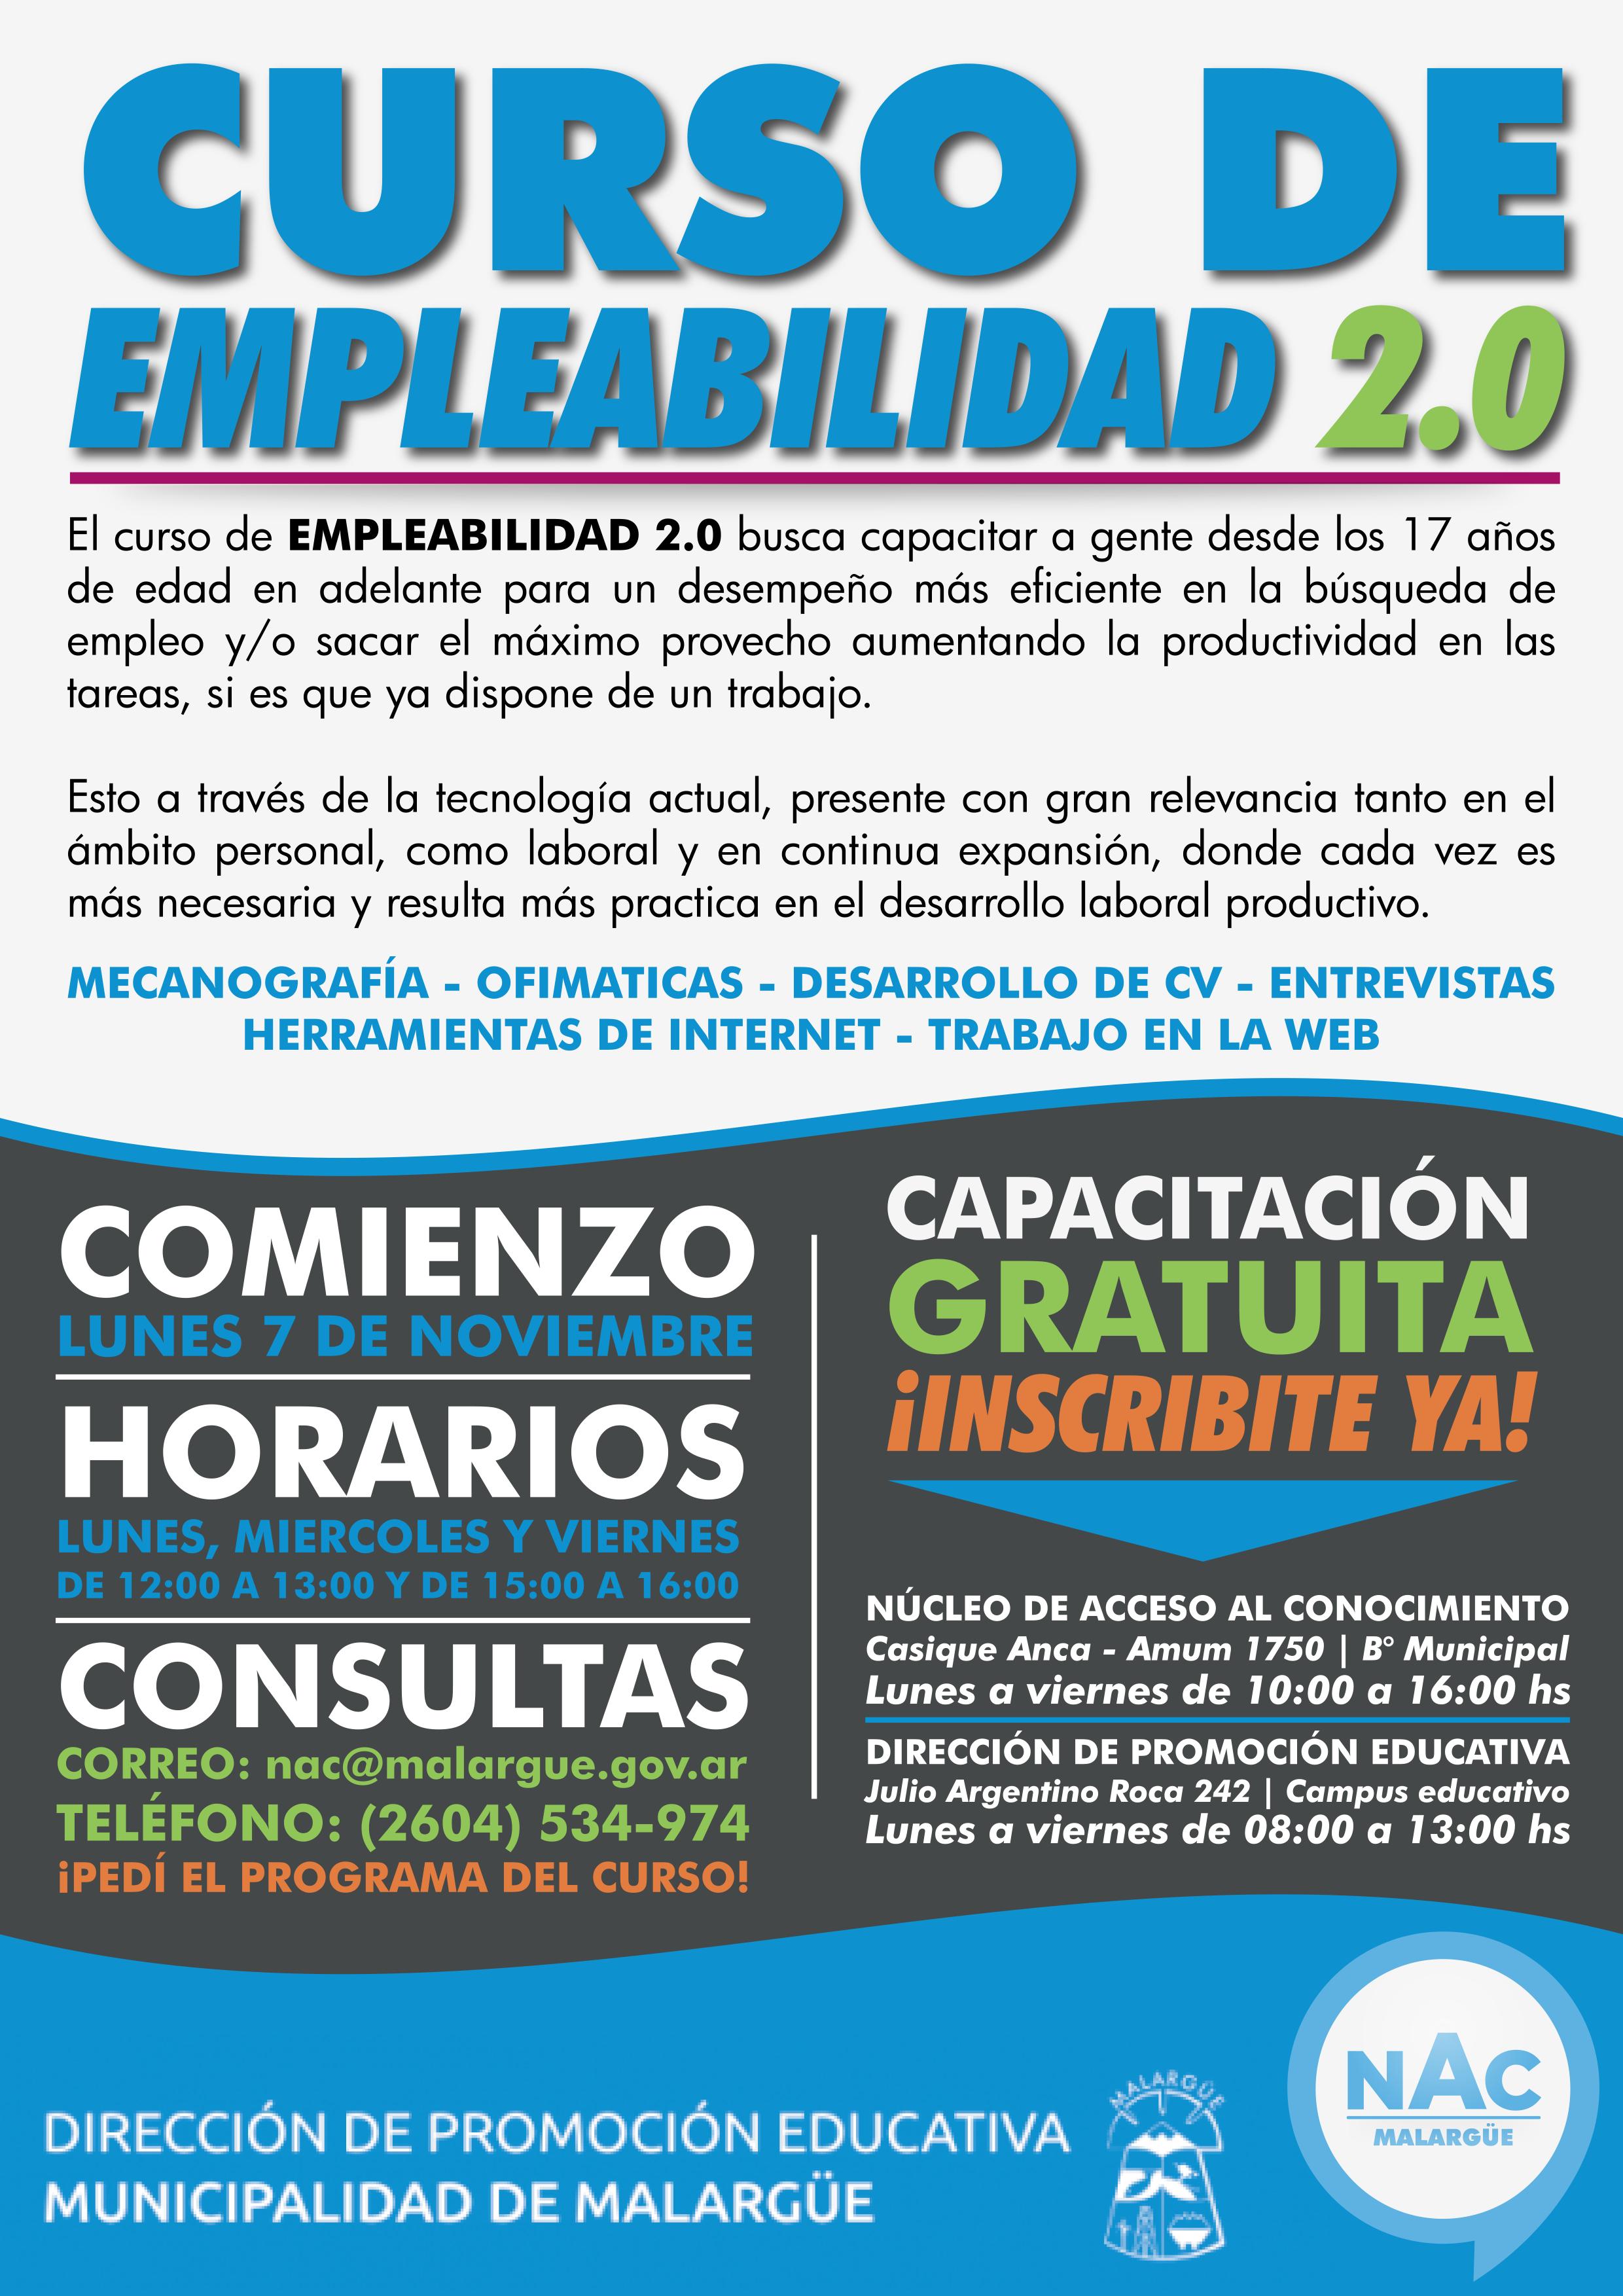 Curso de EMPLEABILIDAD 2.0